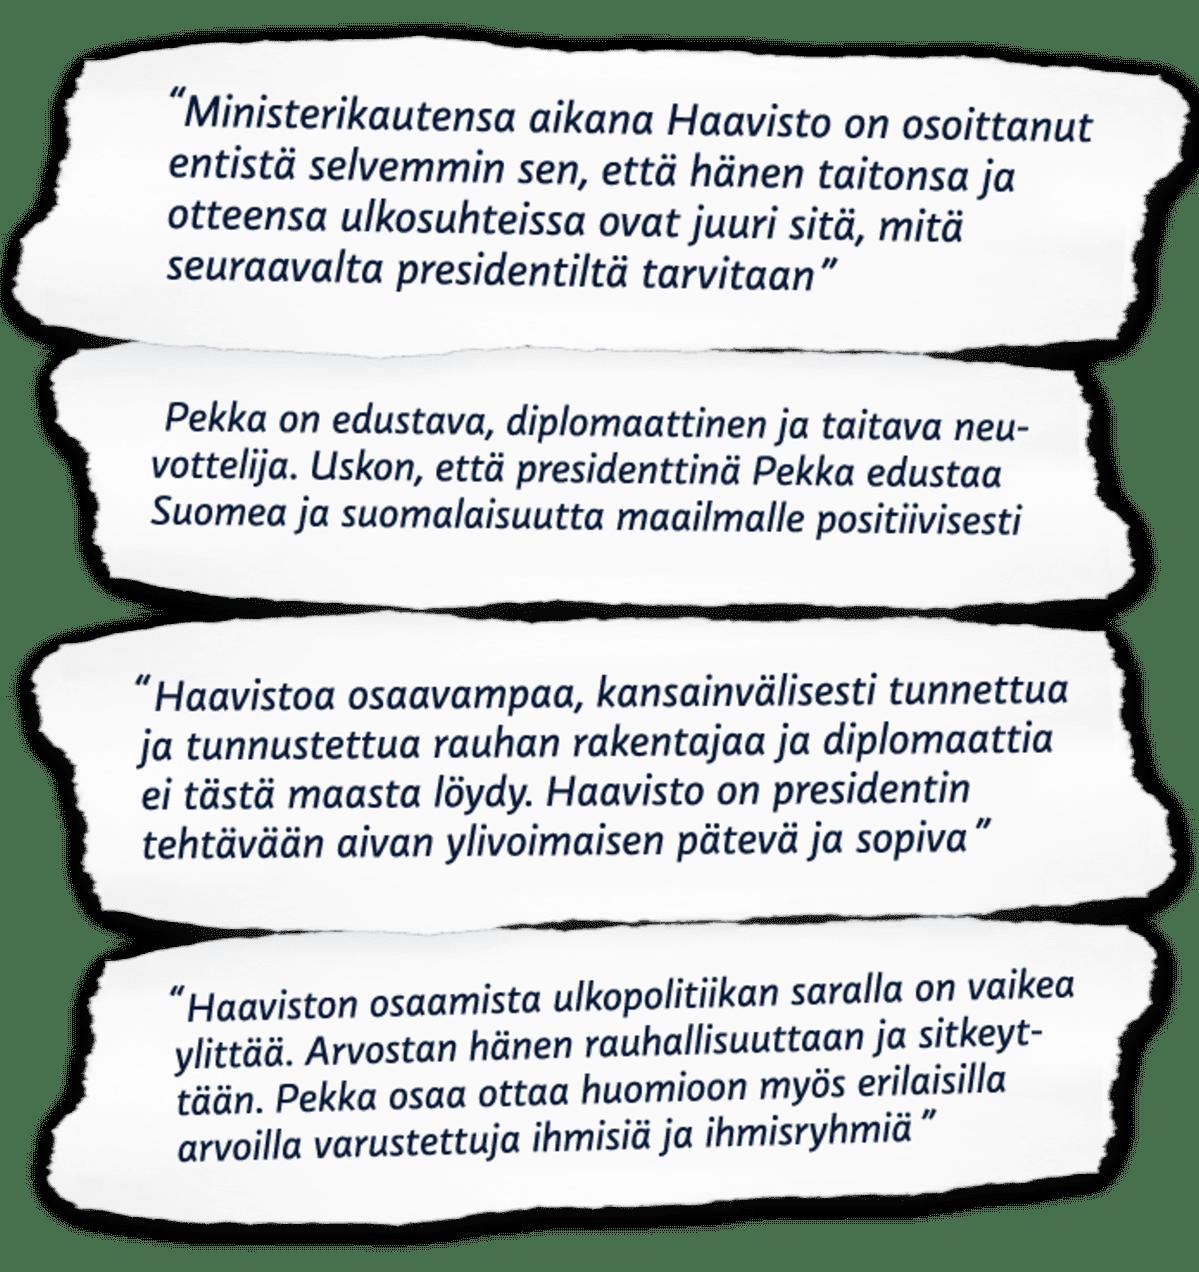 Vihreiden kehuja Pekka Haaviston presidenttikampanjan tueksi.